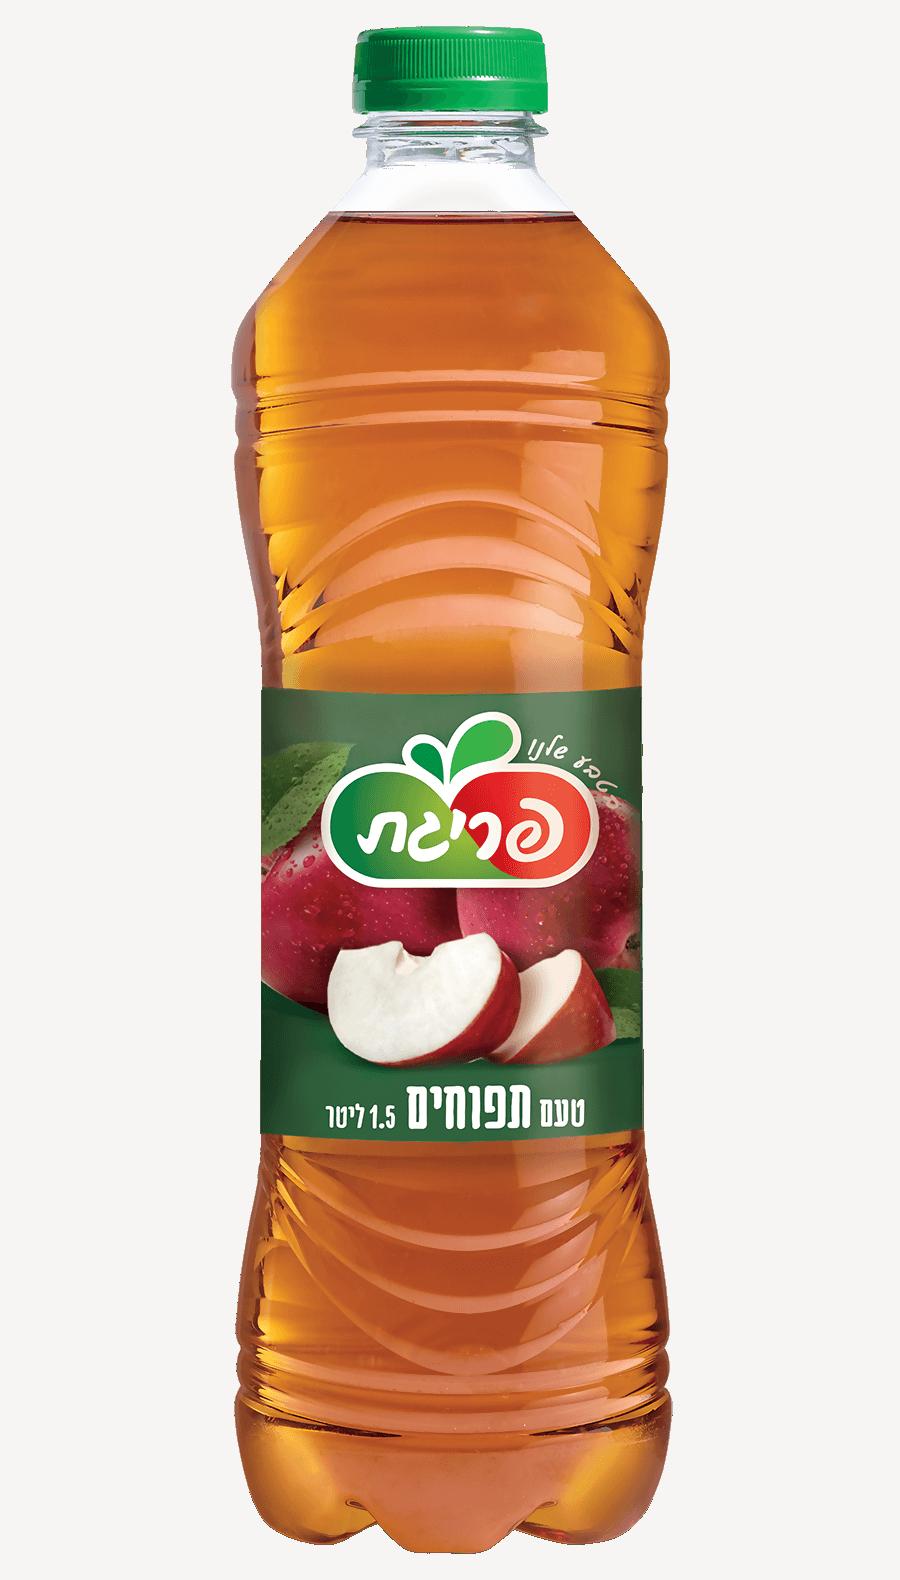 משקה קל בטעם תפוחים